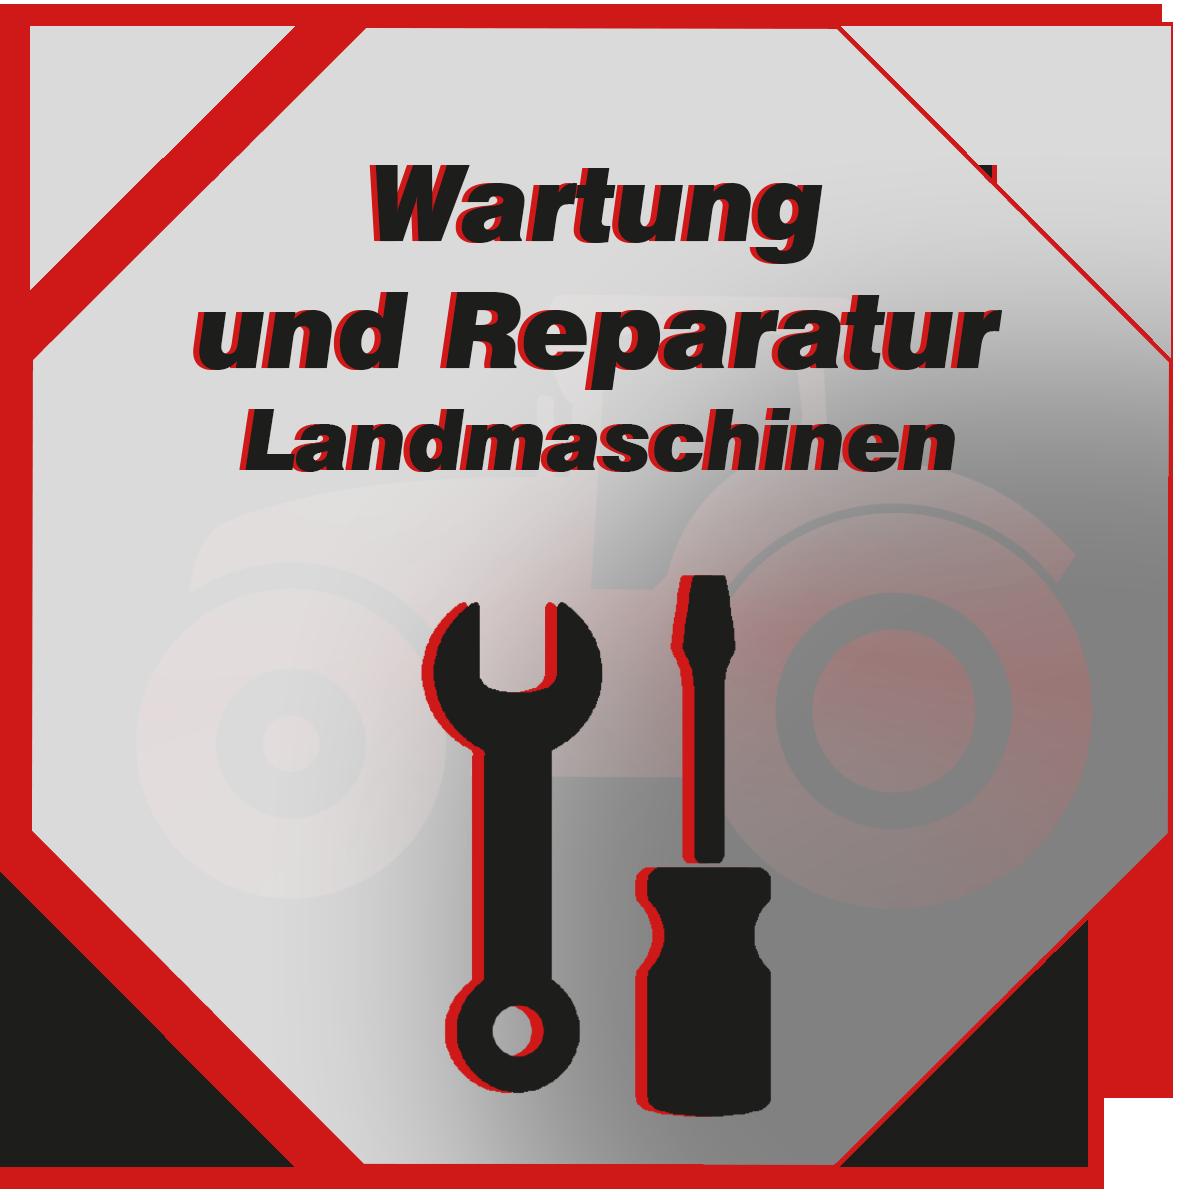 Wartung und Reparatur von Landmaschinen